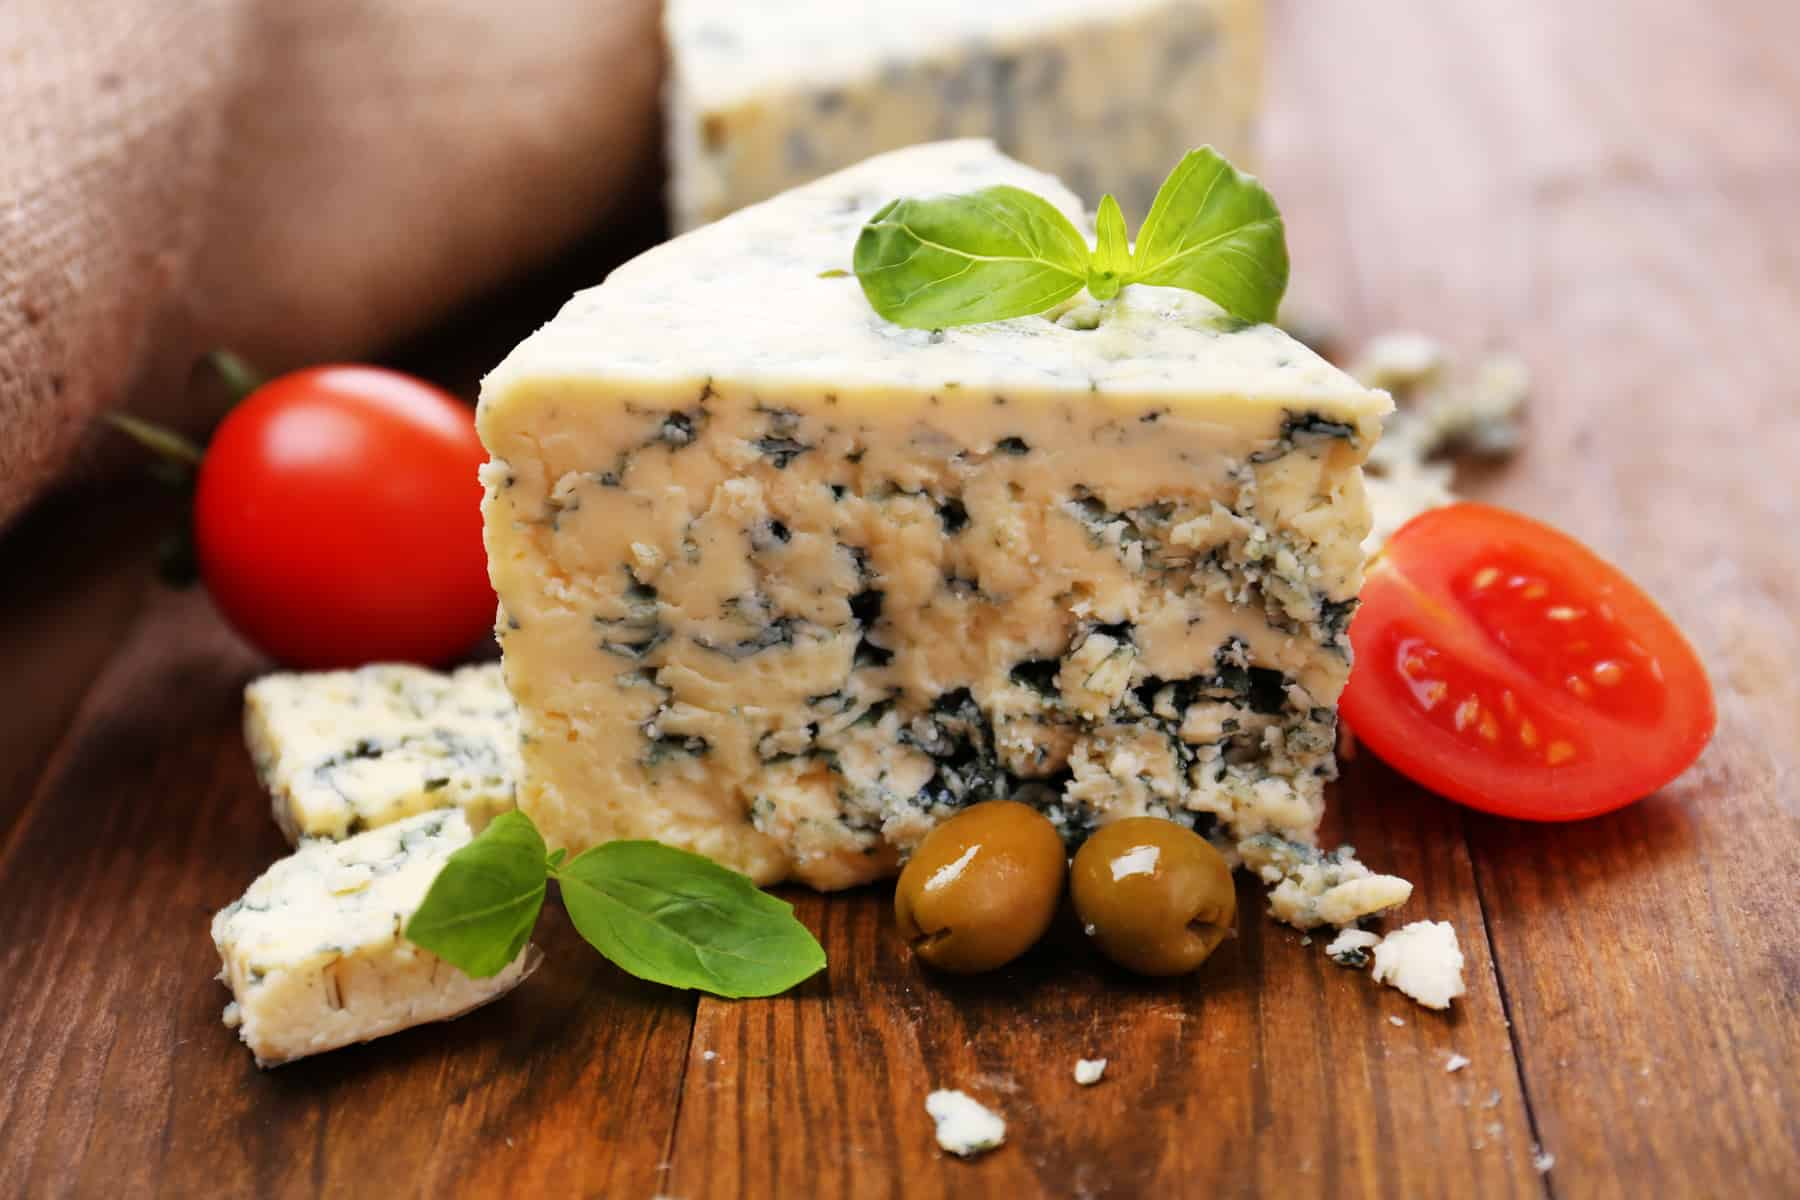 Rocquefort med tomater og oliven og et par basilikum blade, voila: Fransk mad